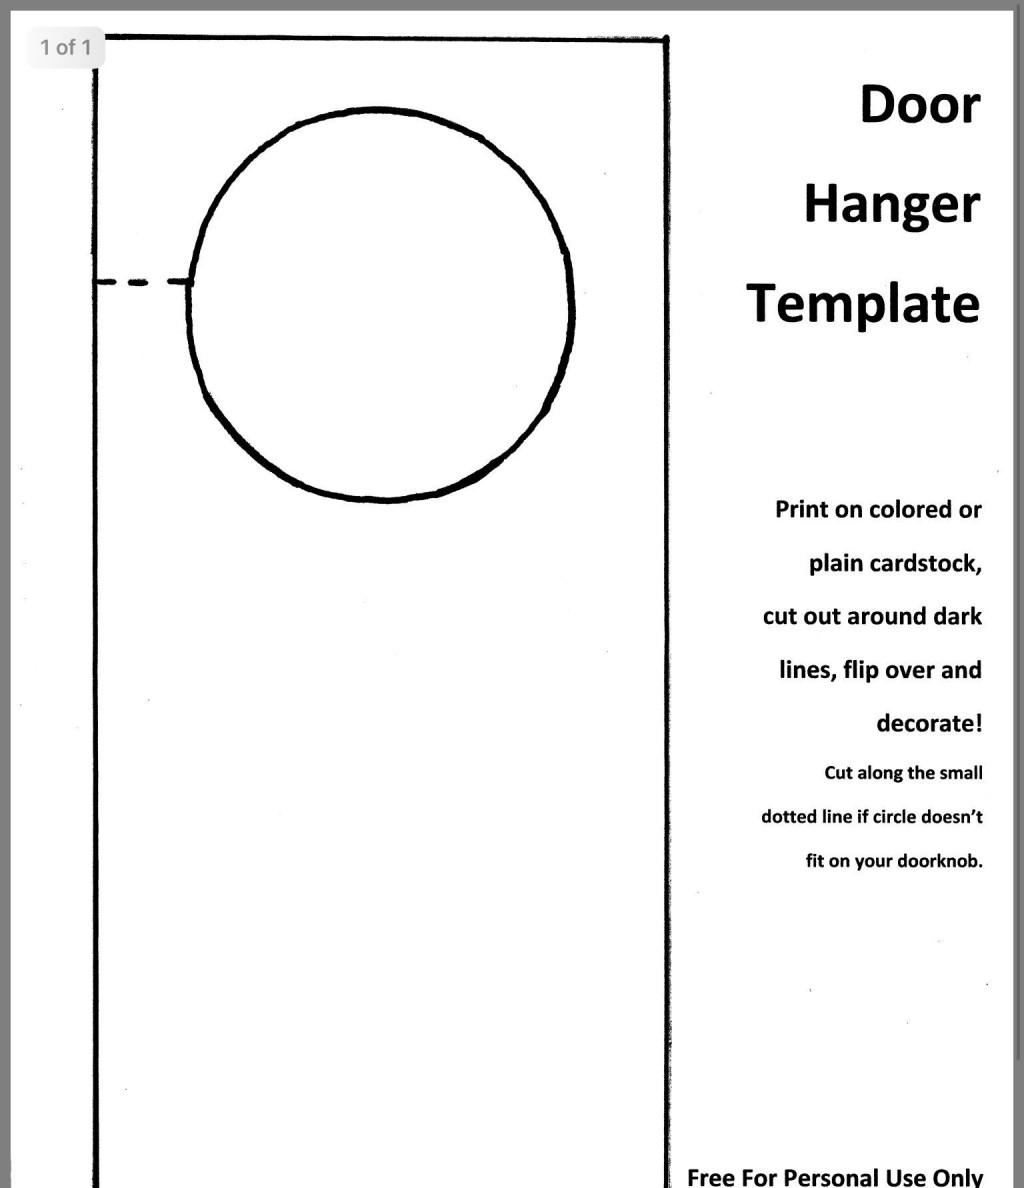 001 Impressive Free Door Hanger Template Photo  Templates Printable Wedding Blank DoorknobLarge